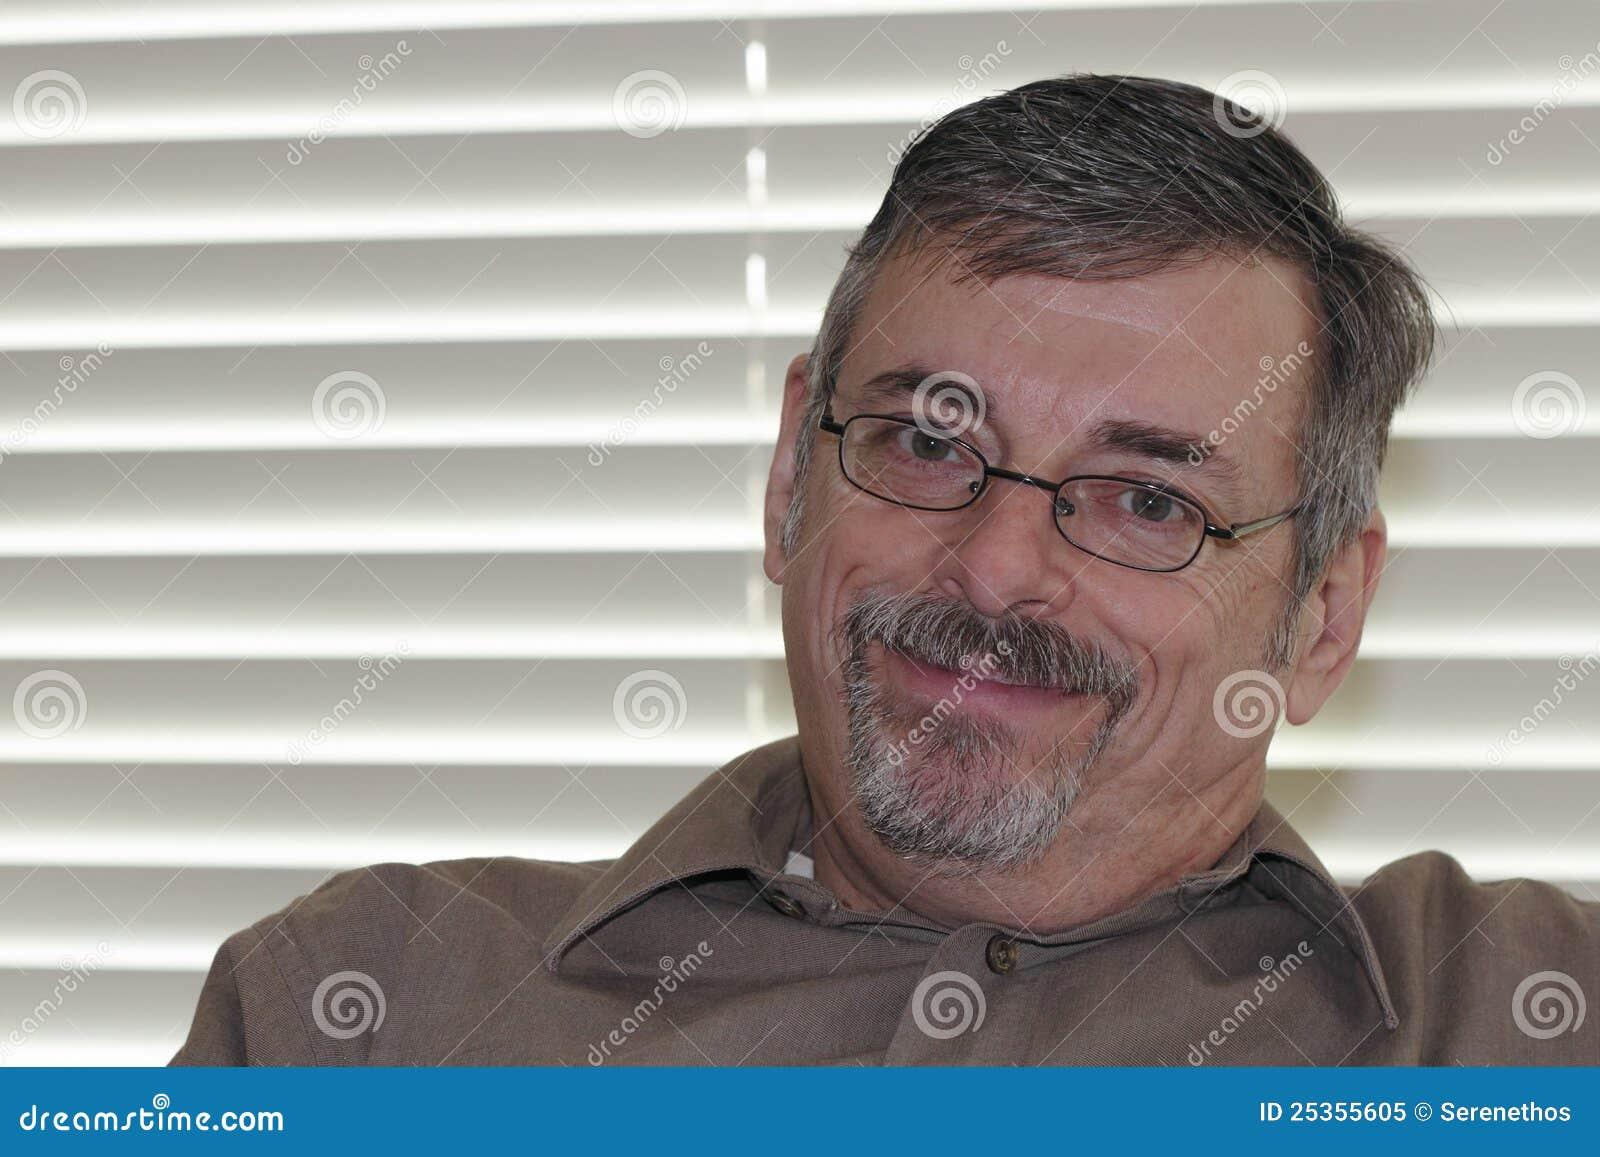 Mature Man Looking at Viewer